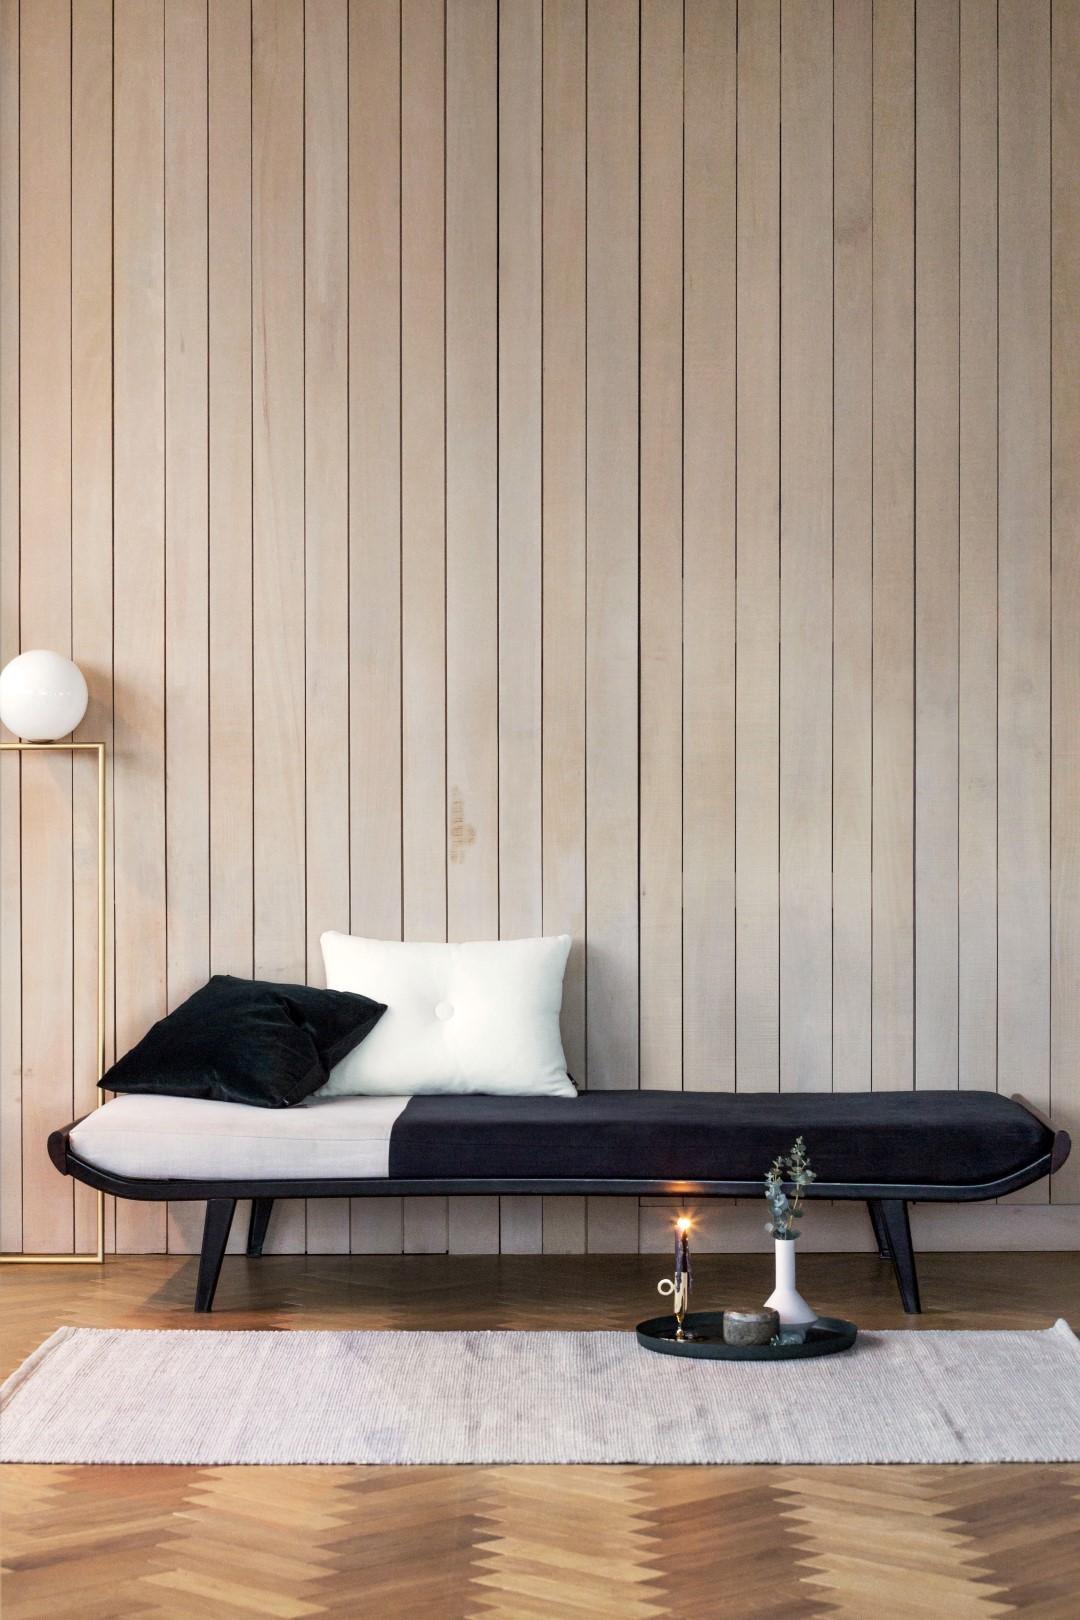 Phong cách thiết kế nội thất Tối giản - ảnh 3